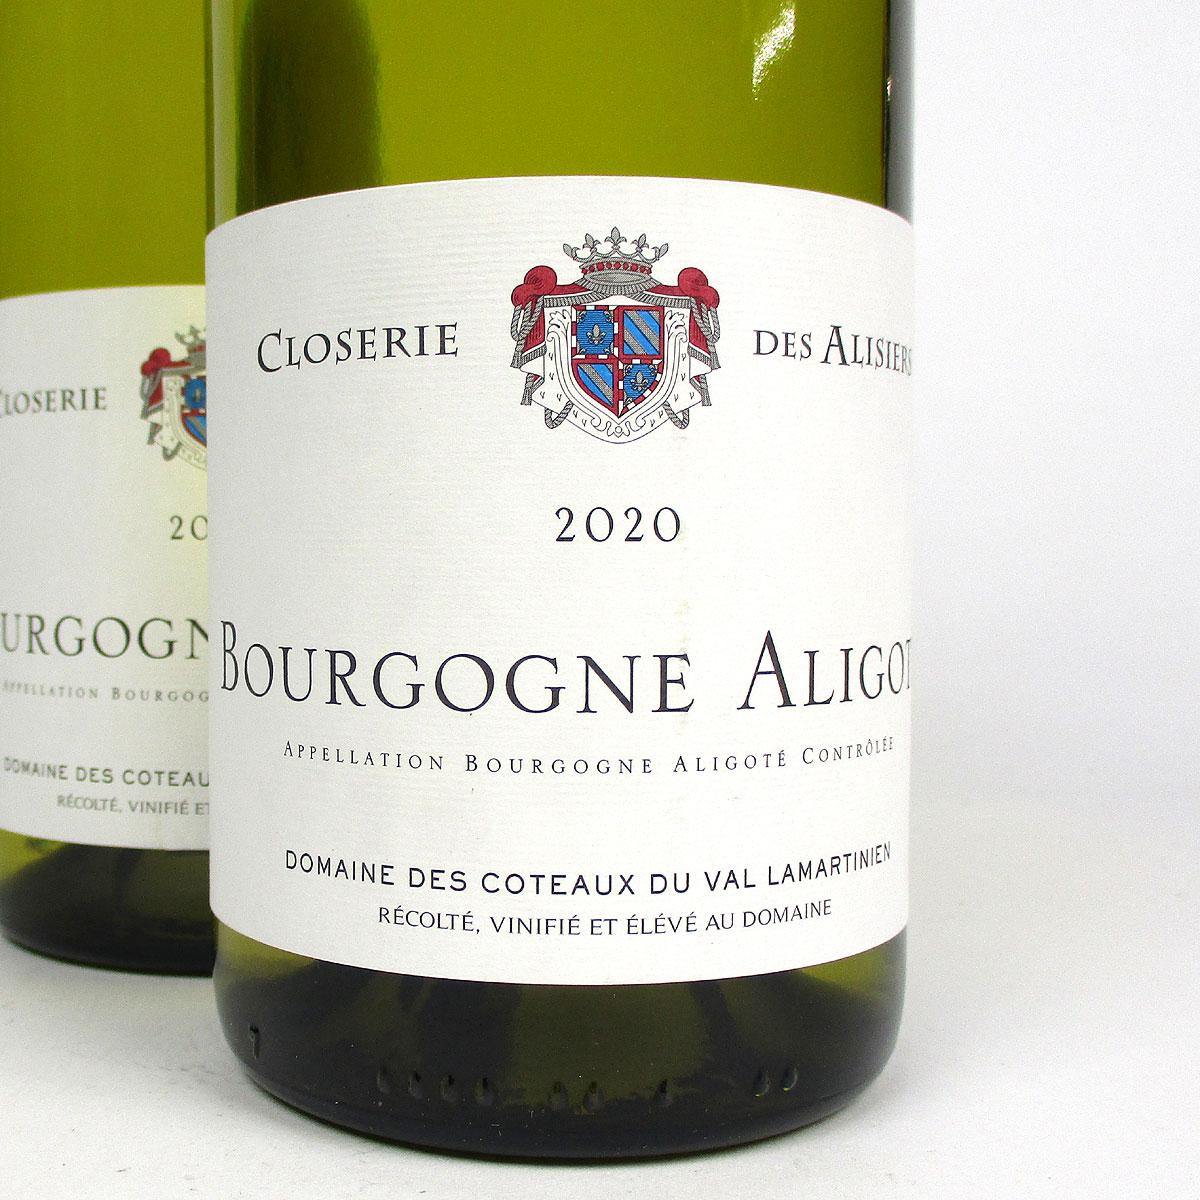 Bourgogne Aligoté: Closerie des Alisiers 2020